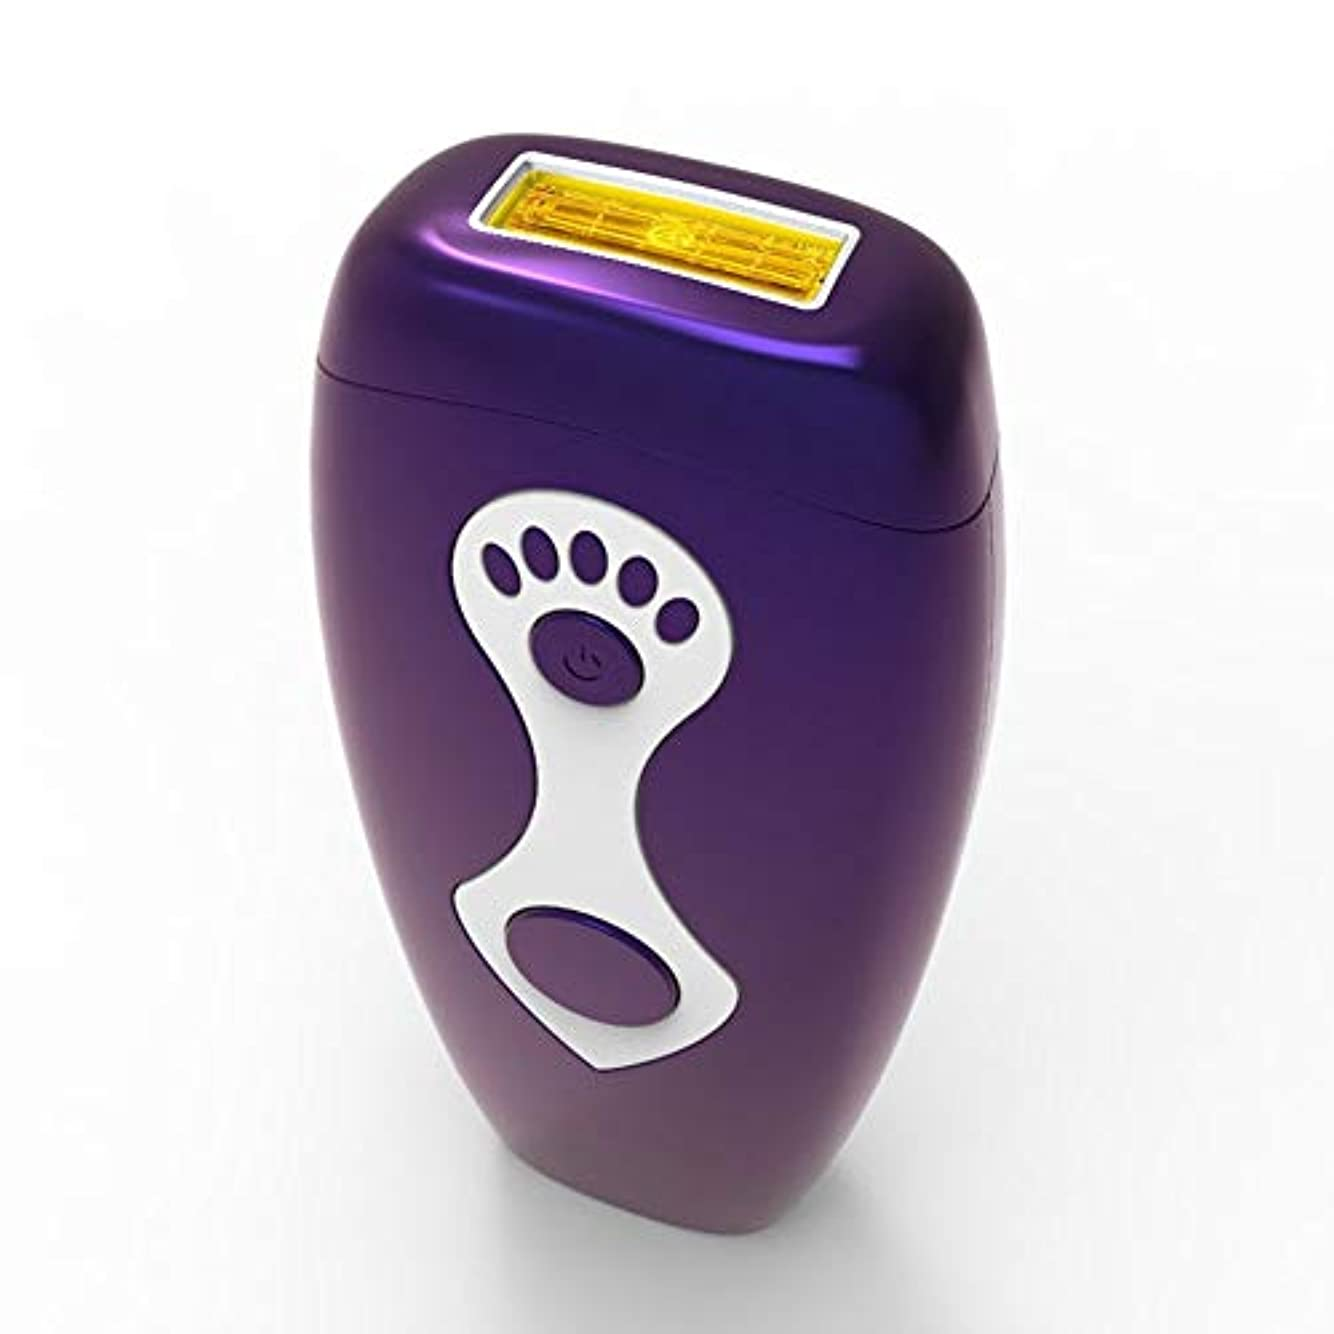 未来呪い時々時々Iku夫 パーマネント脱毛、家庭用ニュートラルヘアリムーバー、柔らかい肌、マルチ運動エネルギー、安全性、グレード5無料調整、サイズ7.5×16.5 Cm (Color : Purple)